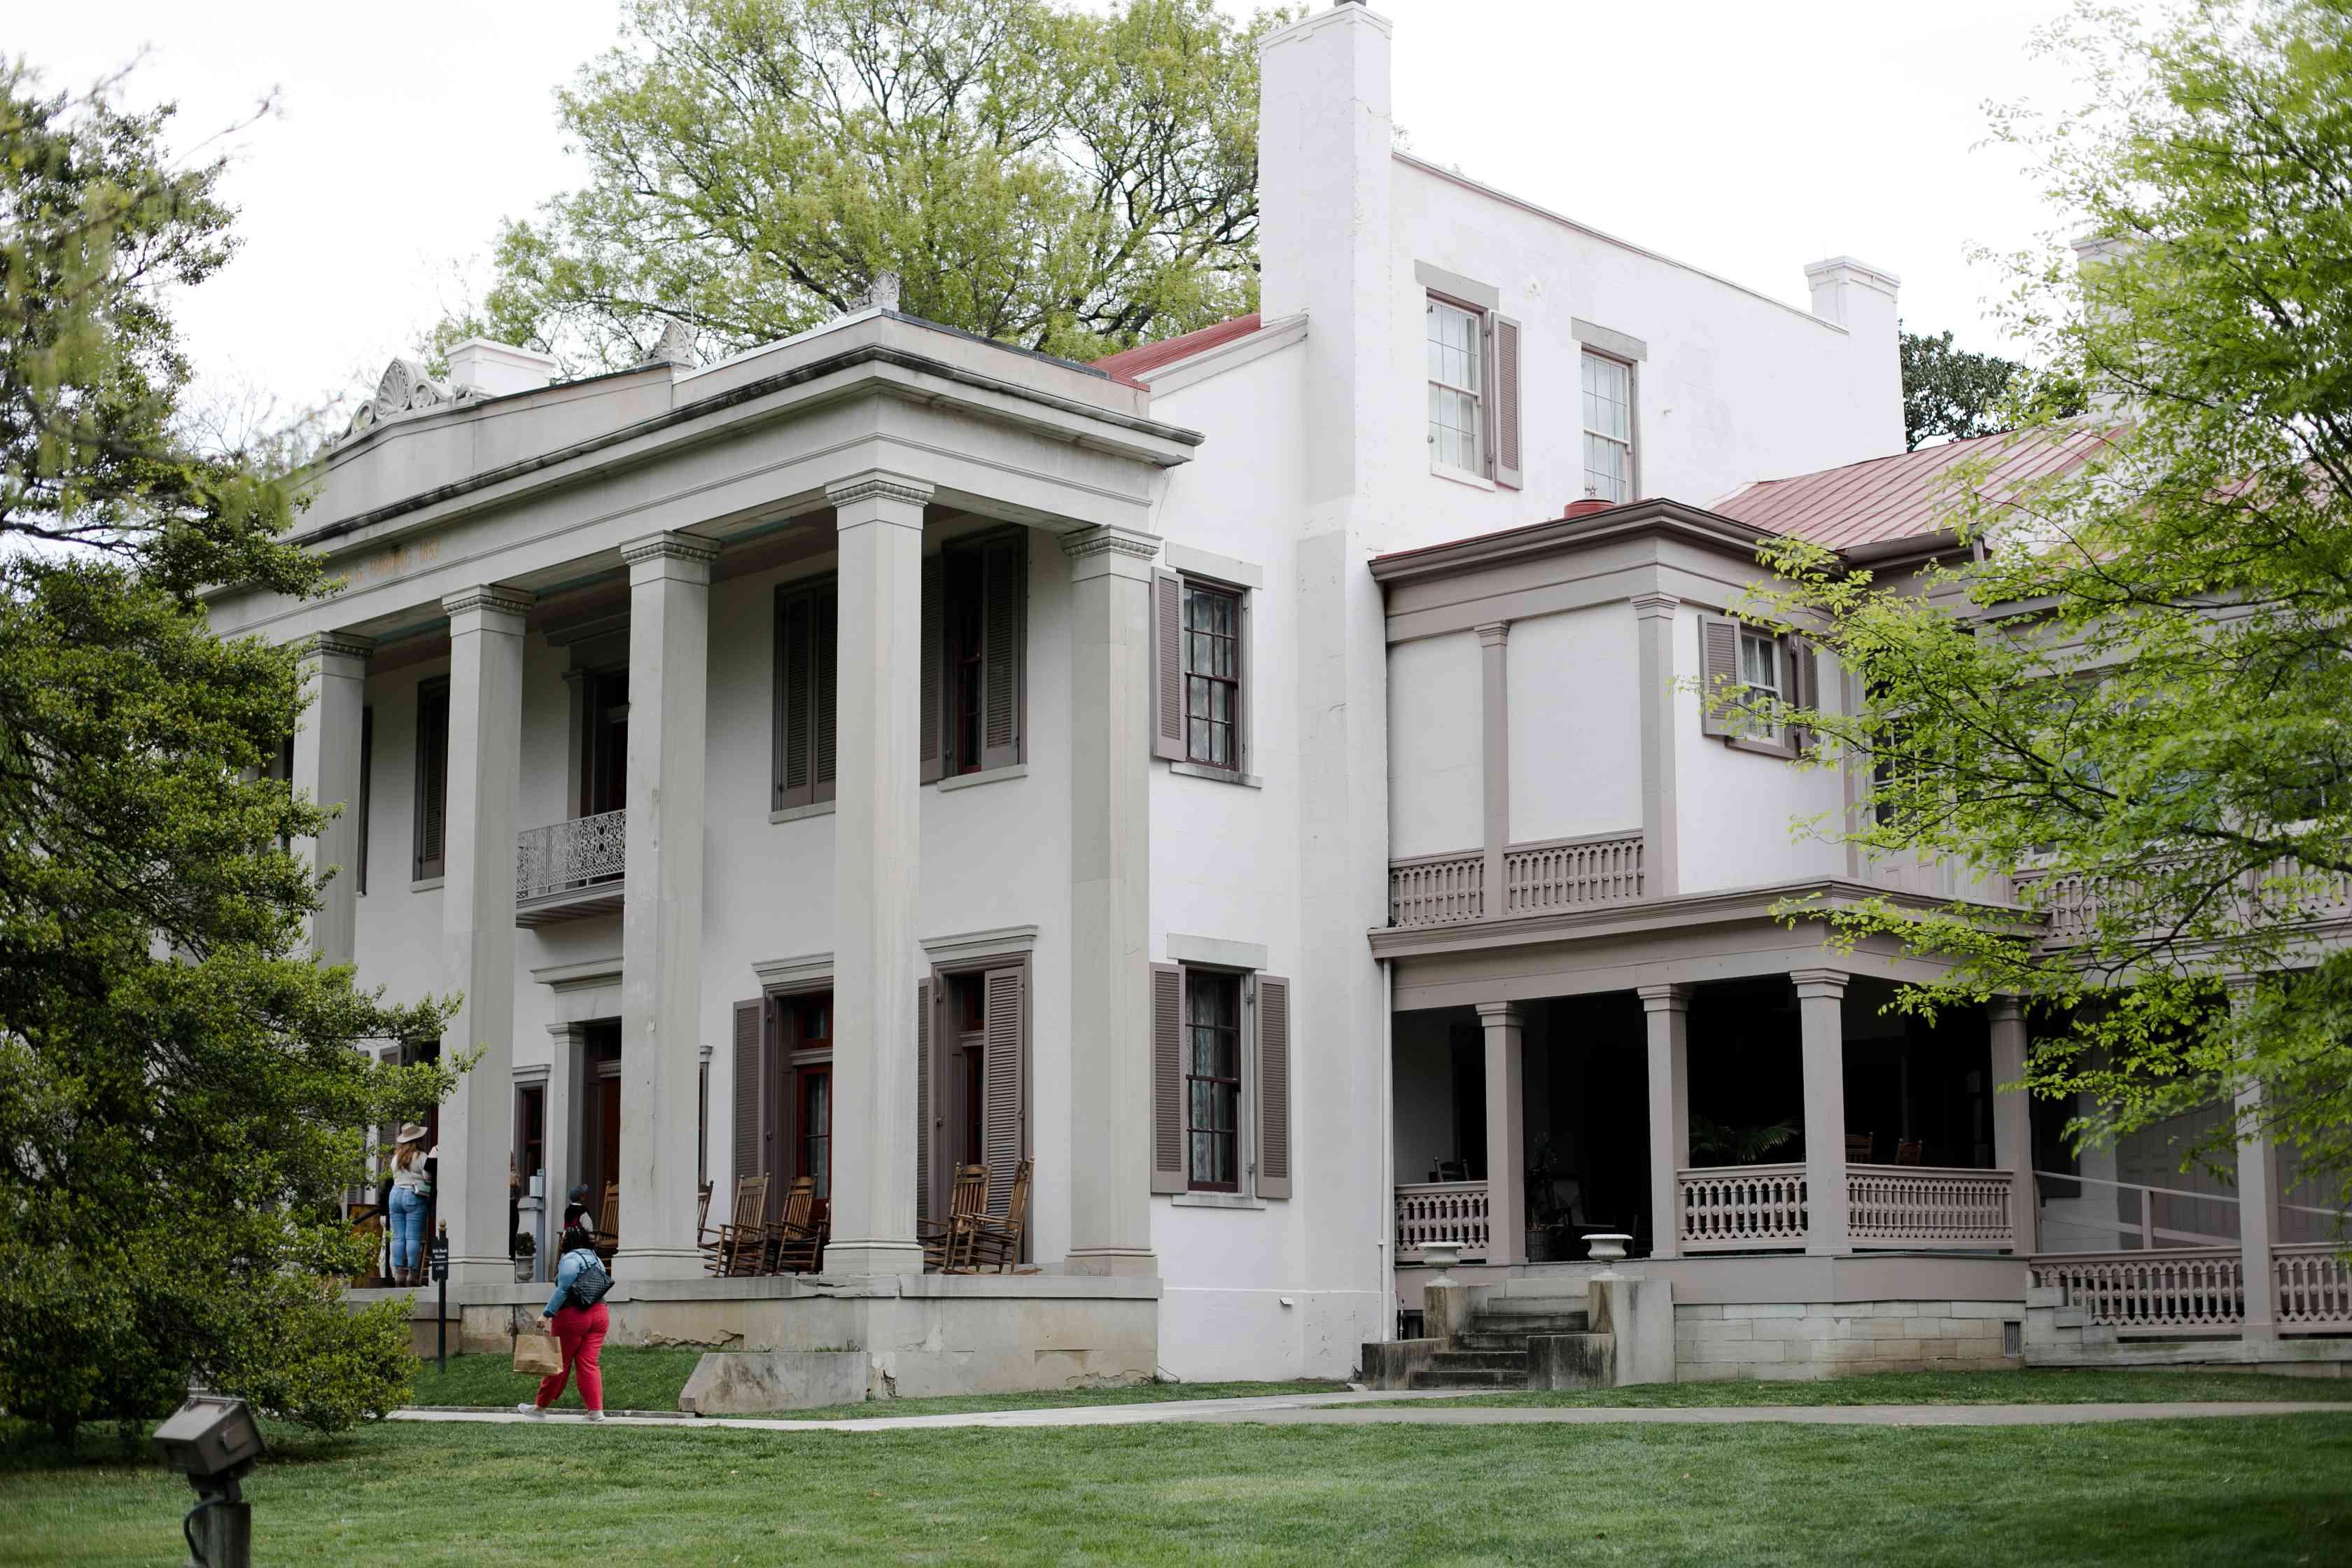 Belle Meade Plantation in Nashville, Tennessee